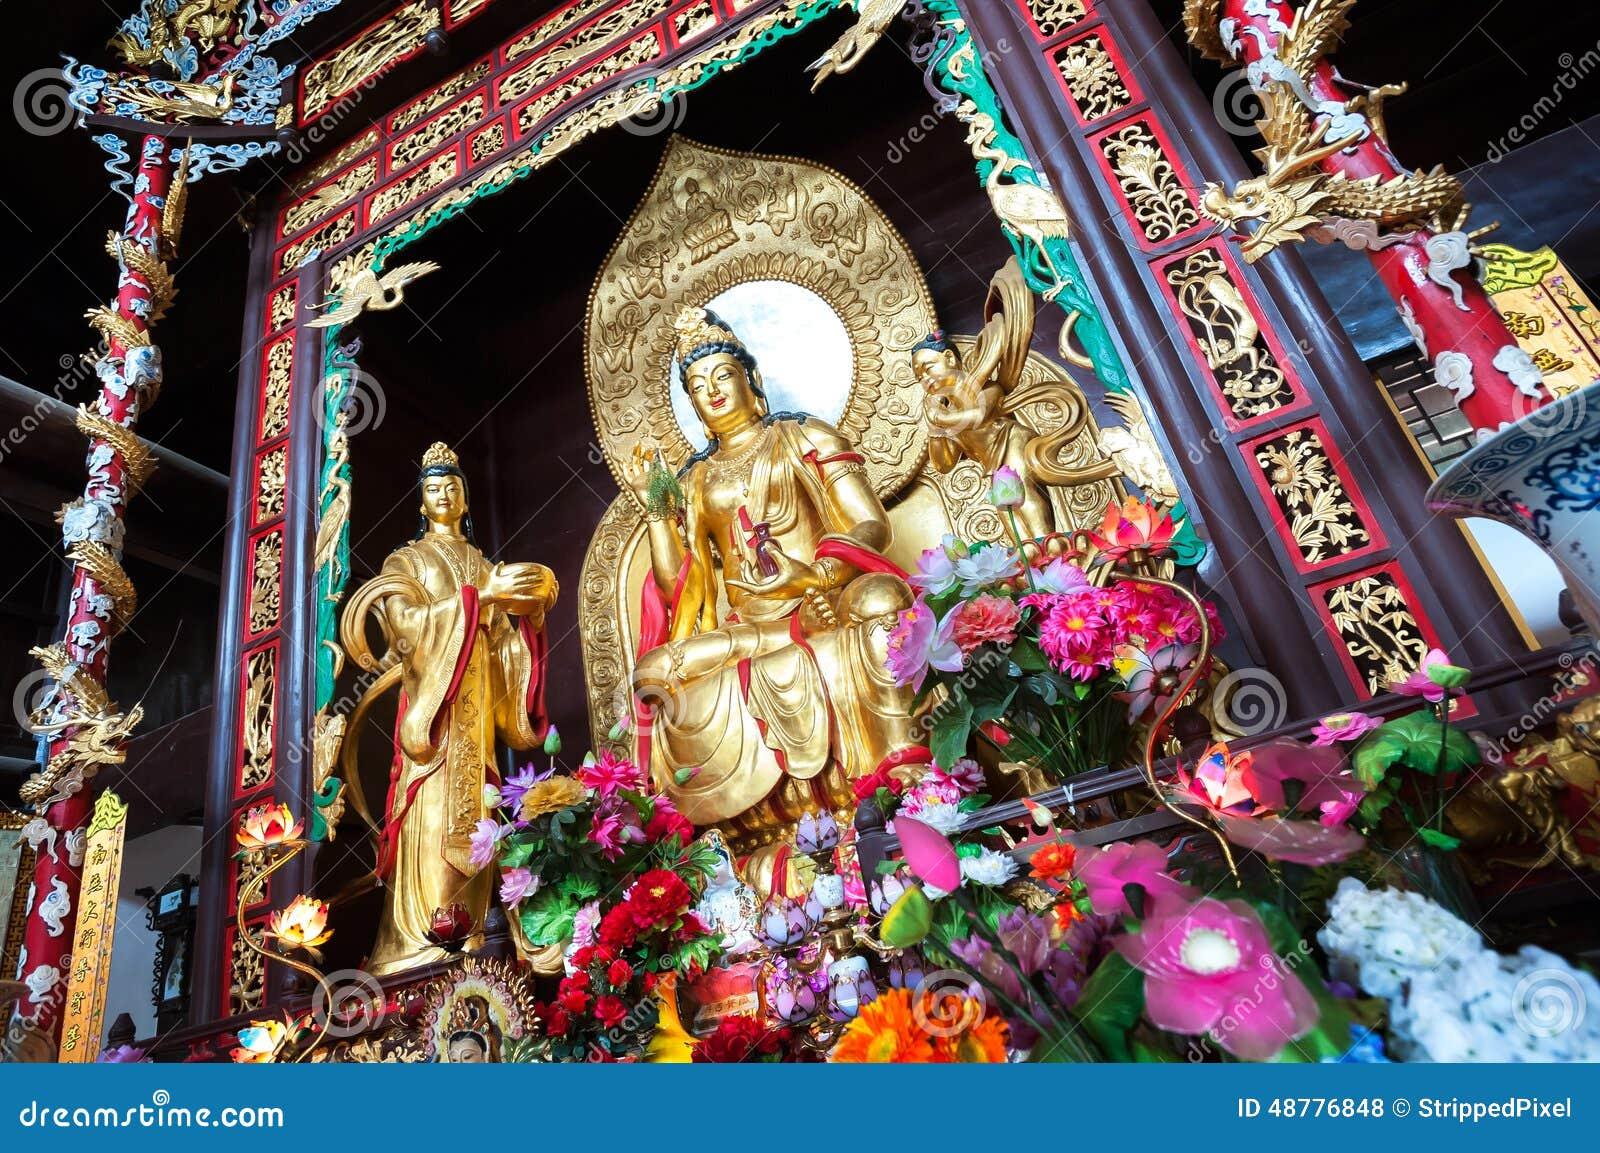 Άγαλμα Guanyin, η θεά του ελέους, στο ναό Lushan, Τσάνγκσα, Κίνα